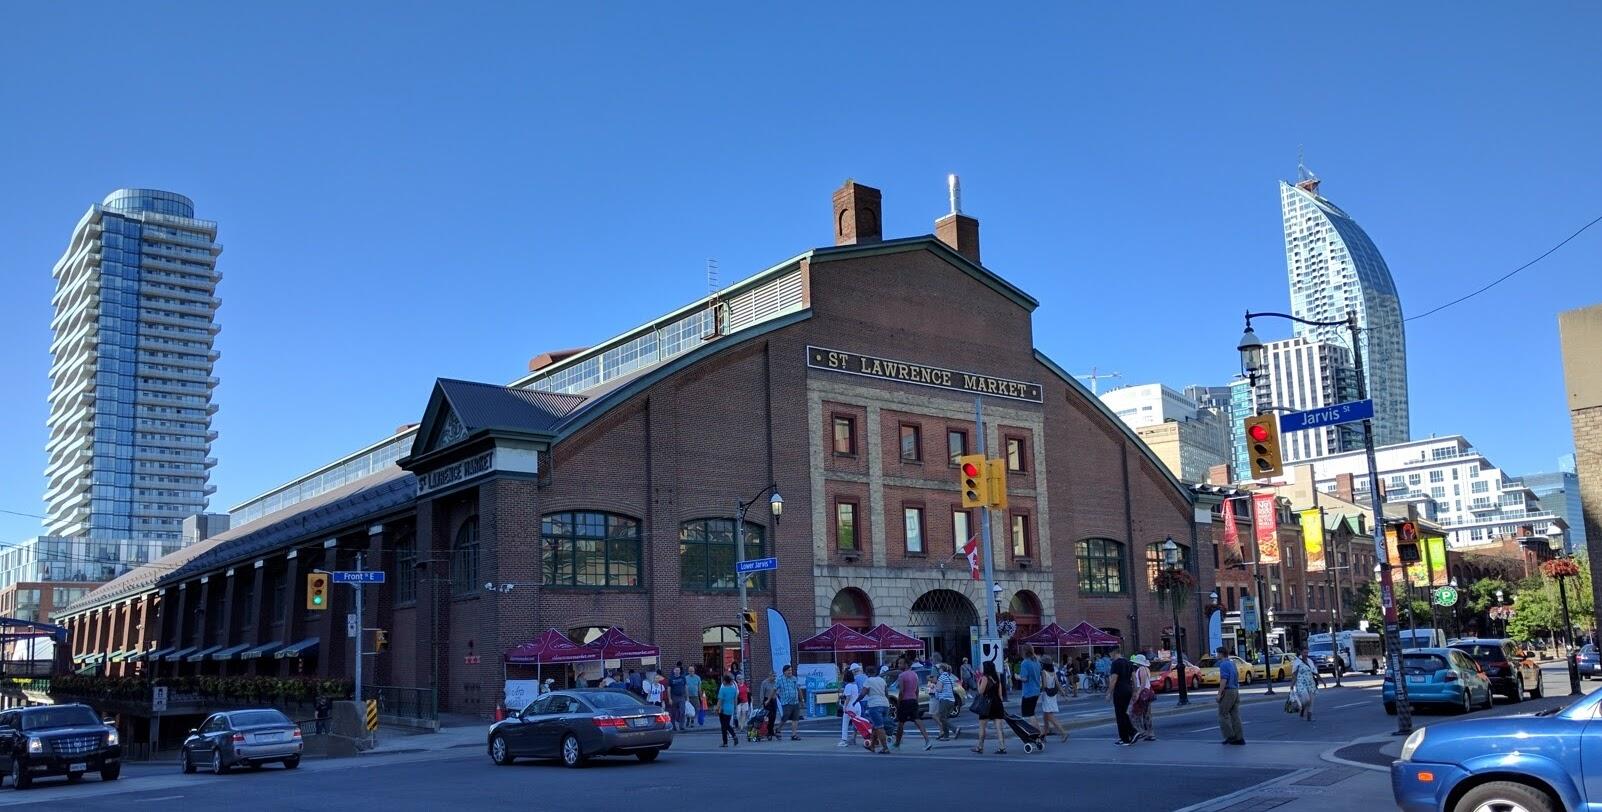 بازار سنت لورانس